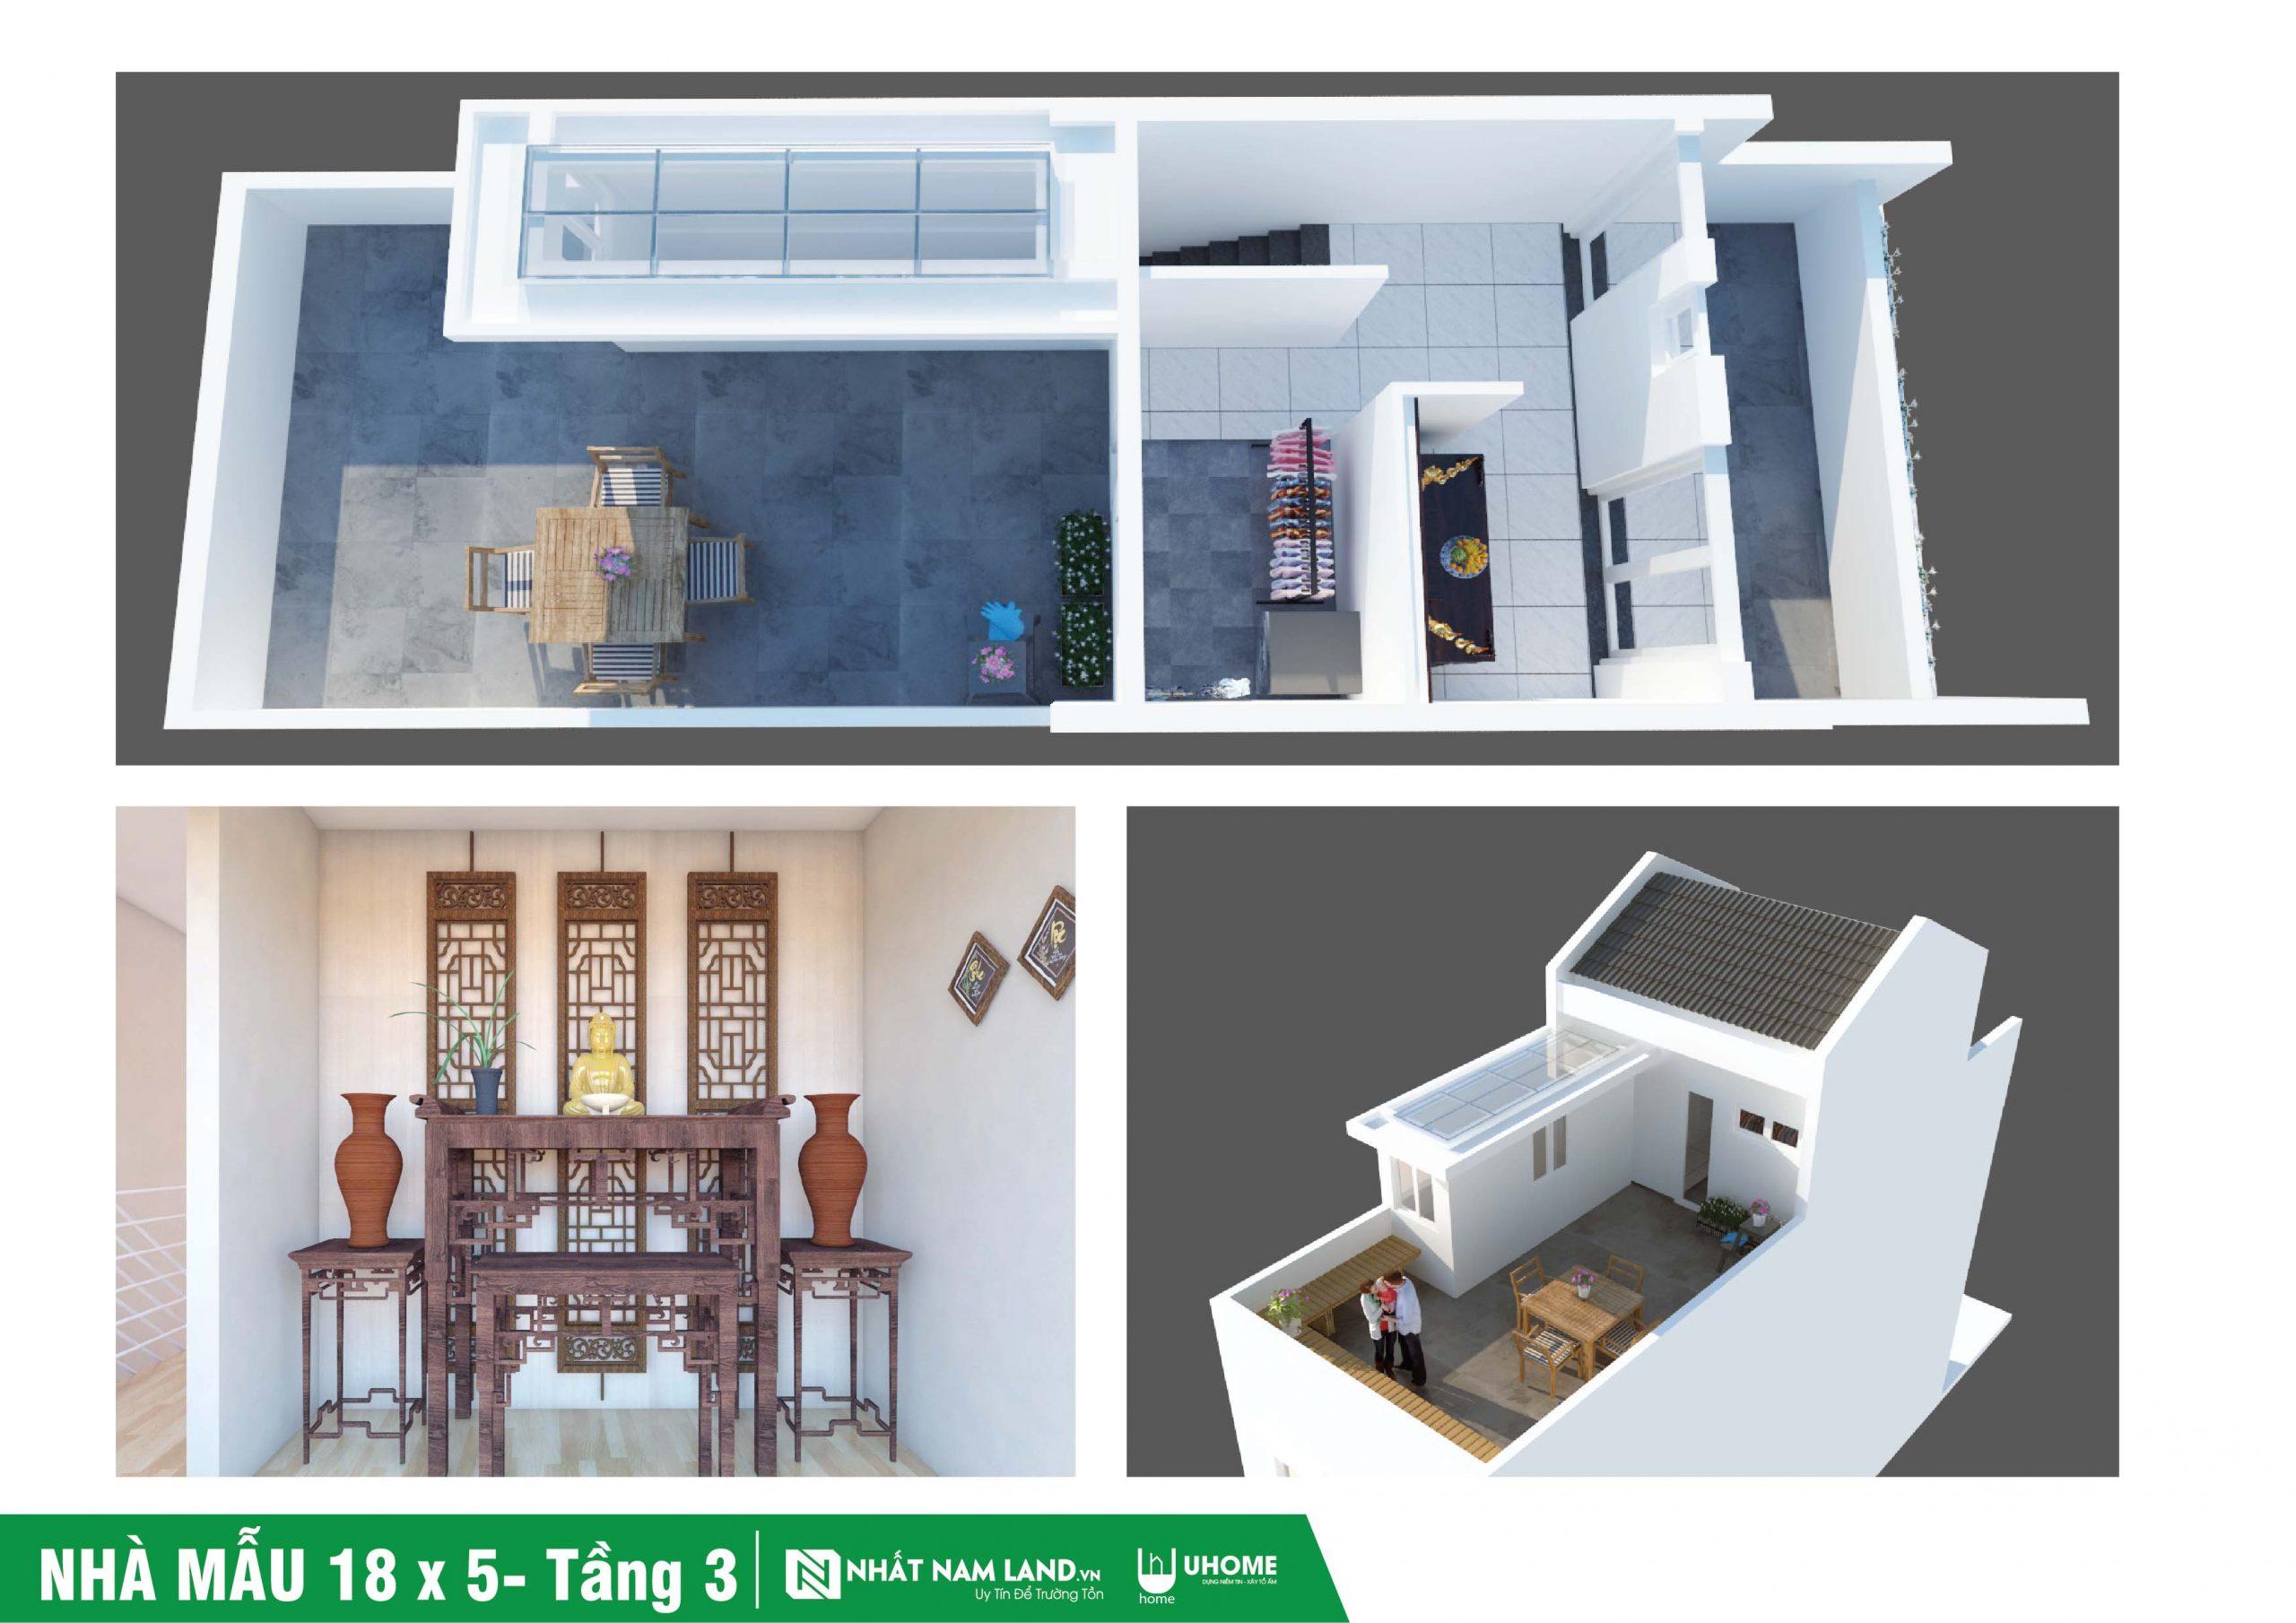 Thiết kế nhà mẫu tầng 3 dự án Uhome